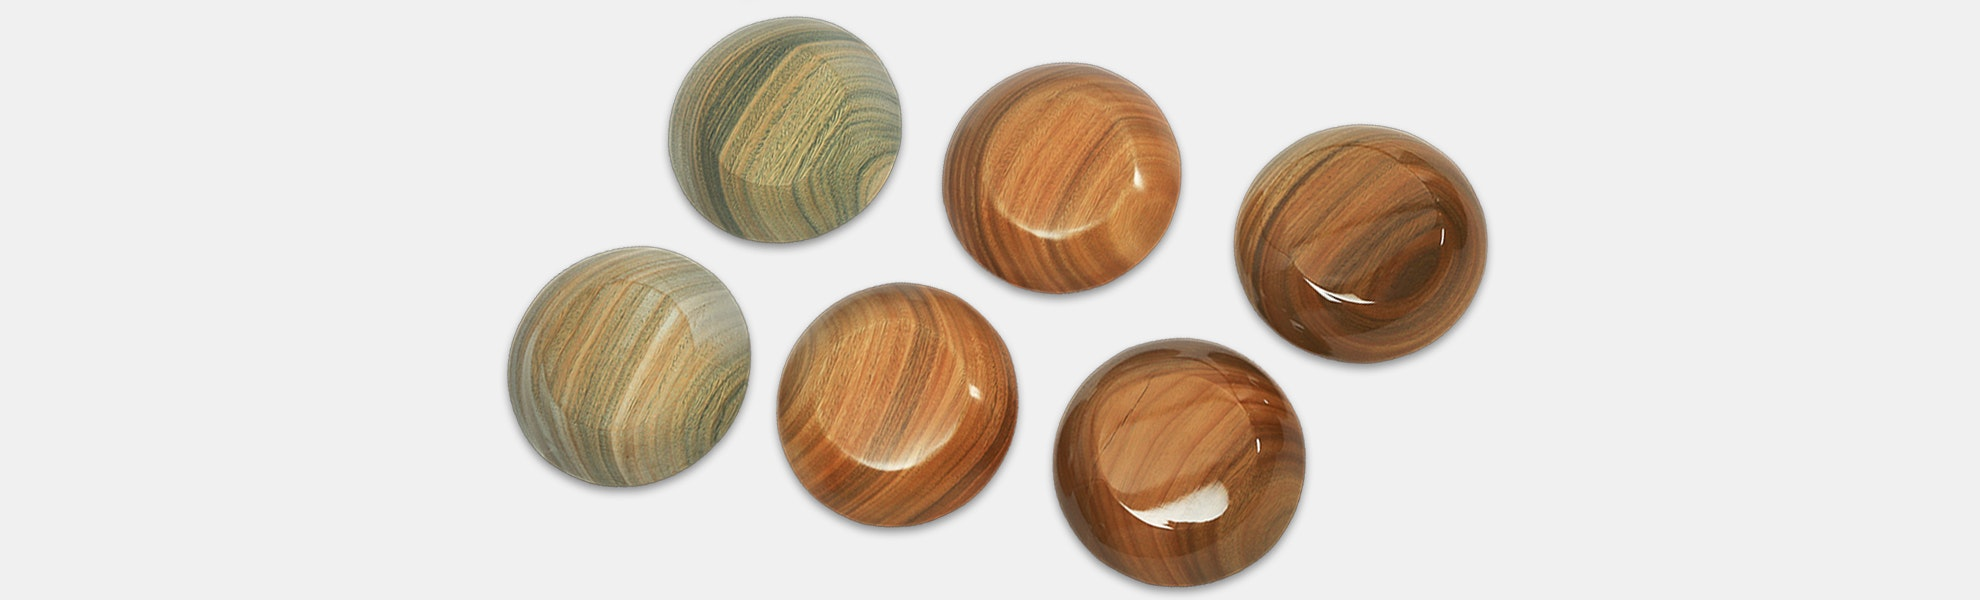 E-MU Palo Santo Artisan Wood Cups